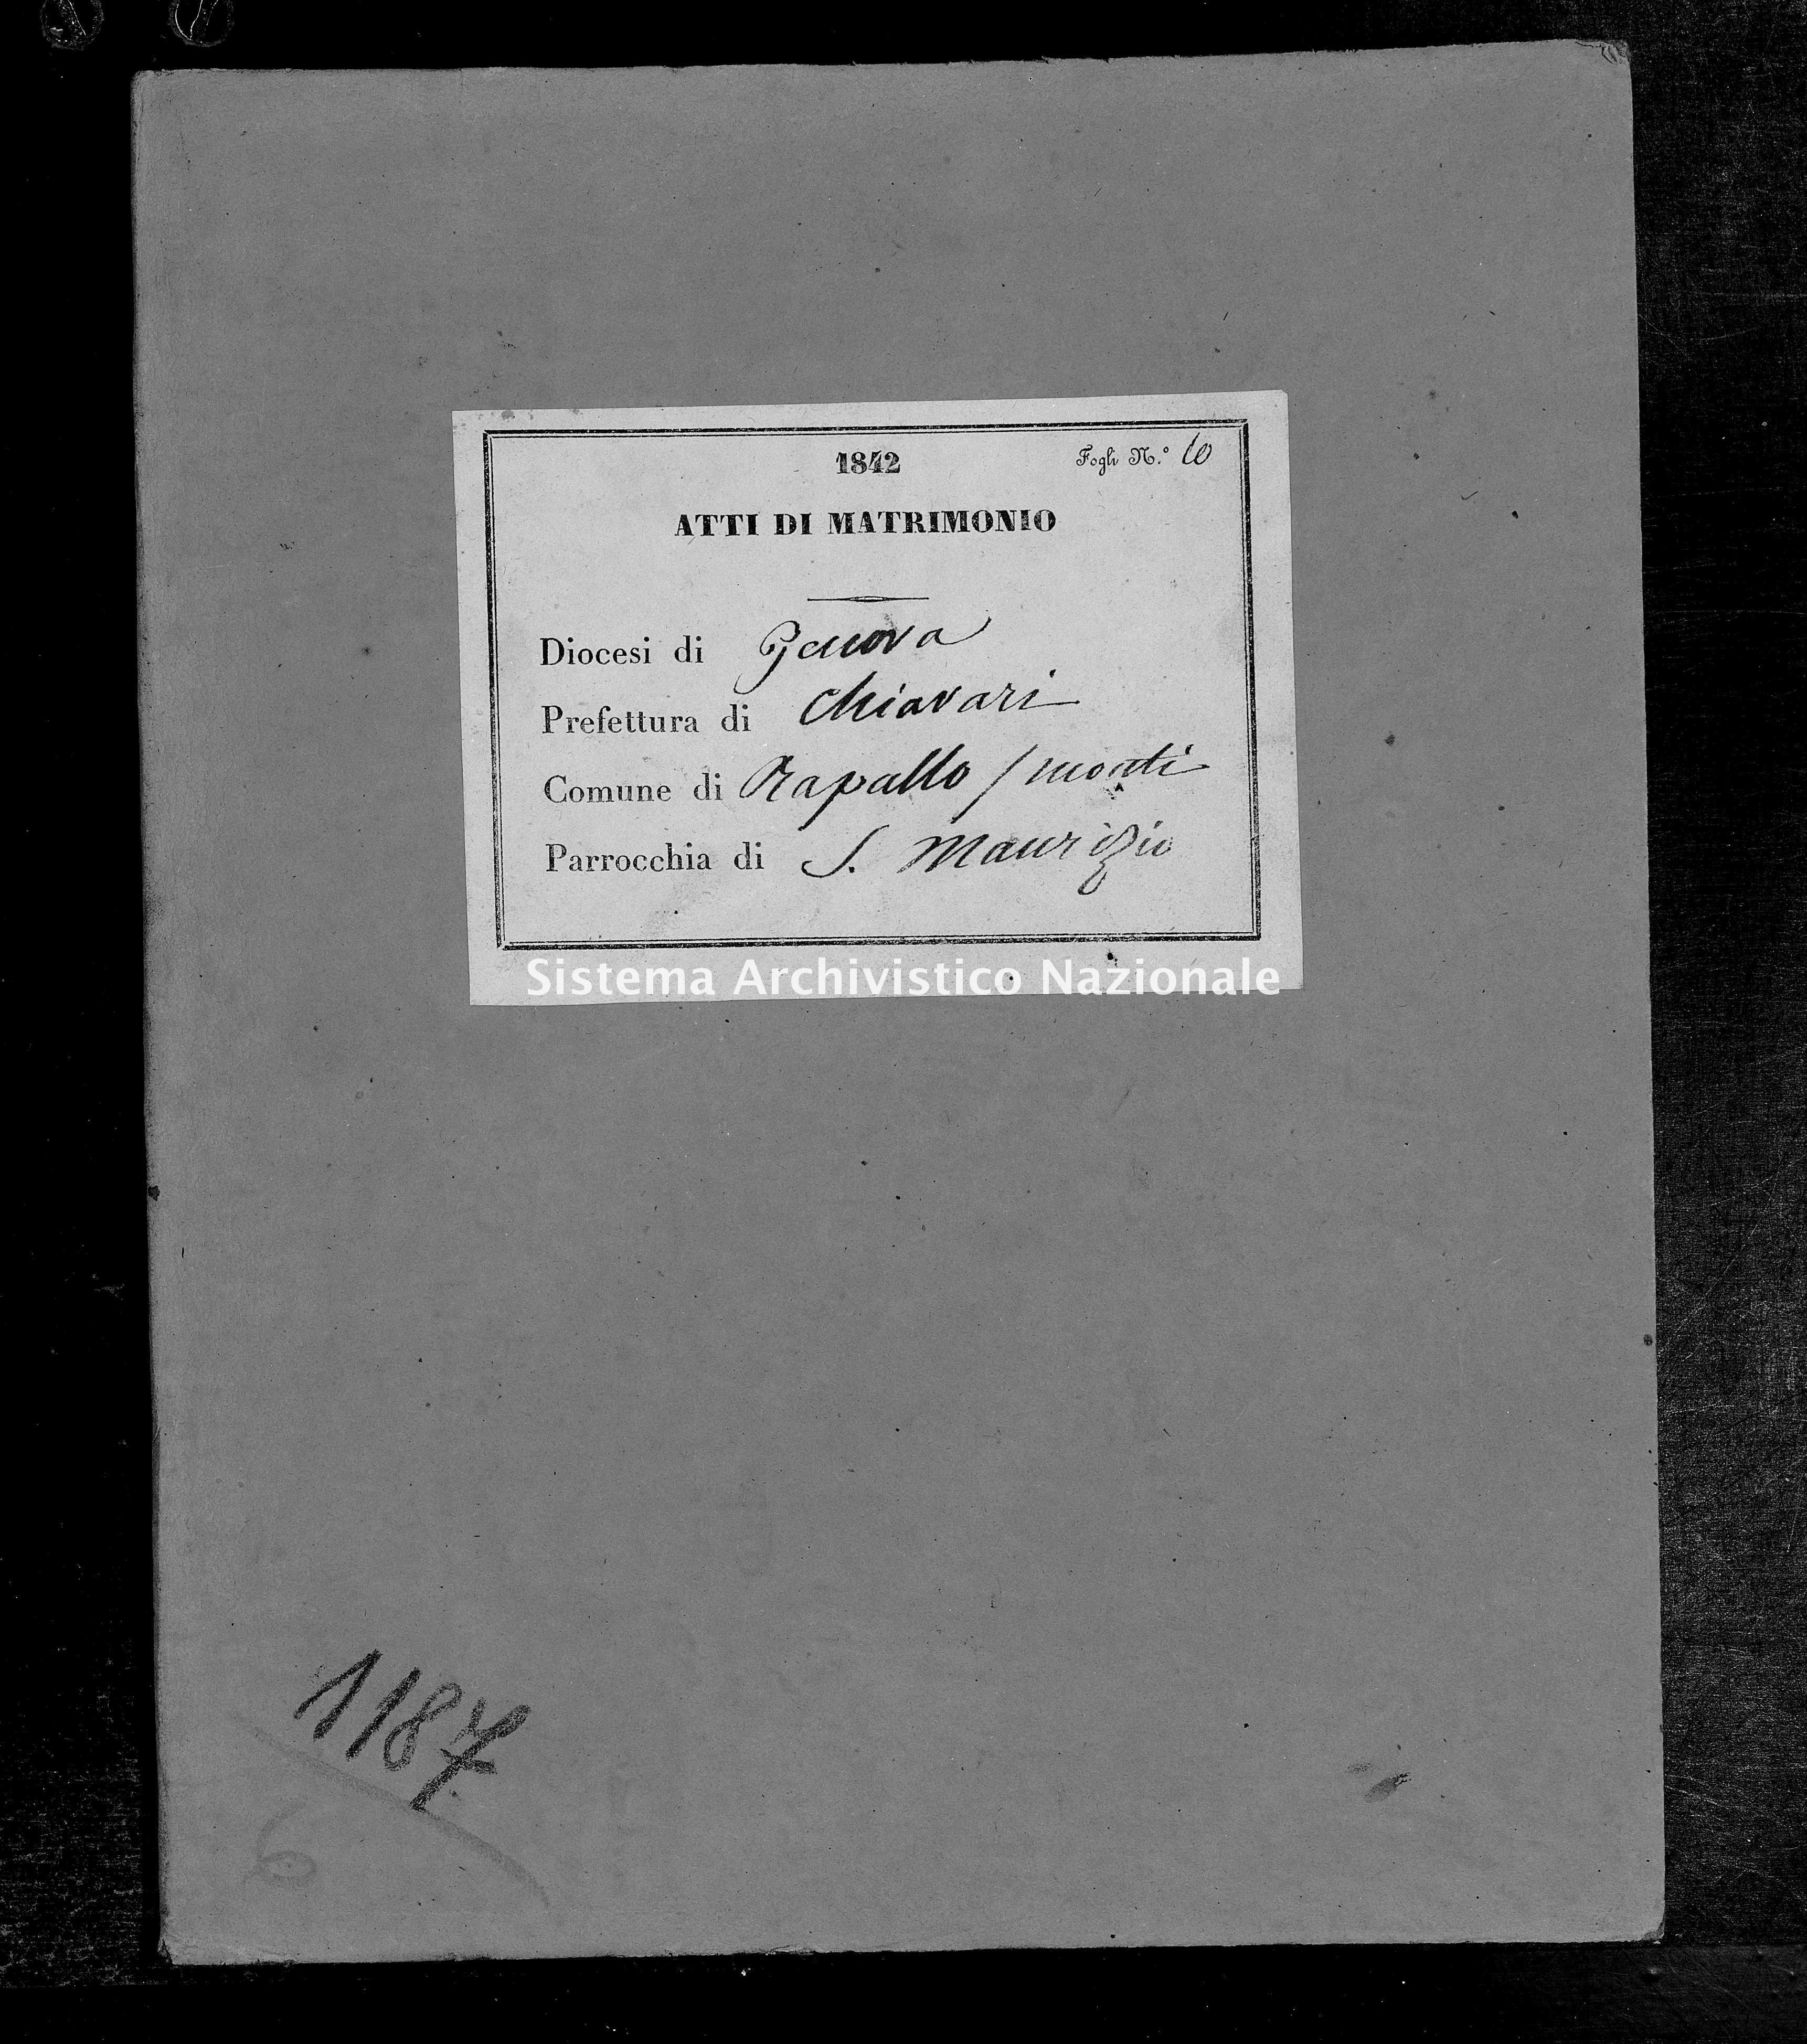 Archivio di stato di Genova - Stato civile della restaurazione - San Maurizio di Monti - Matrimoni - 1842 - 73-74 -